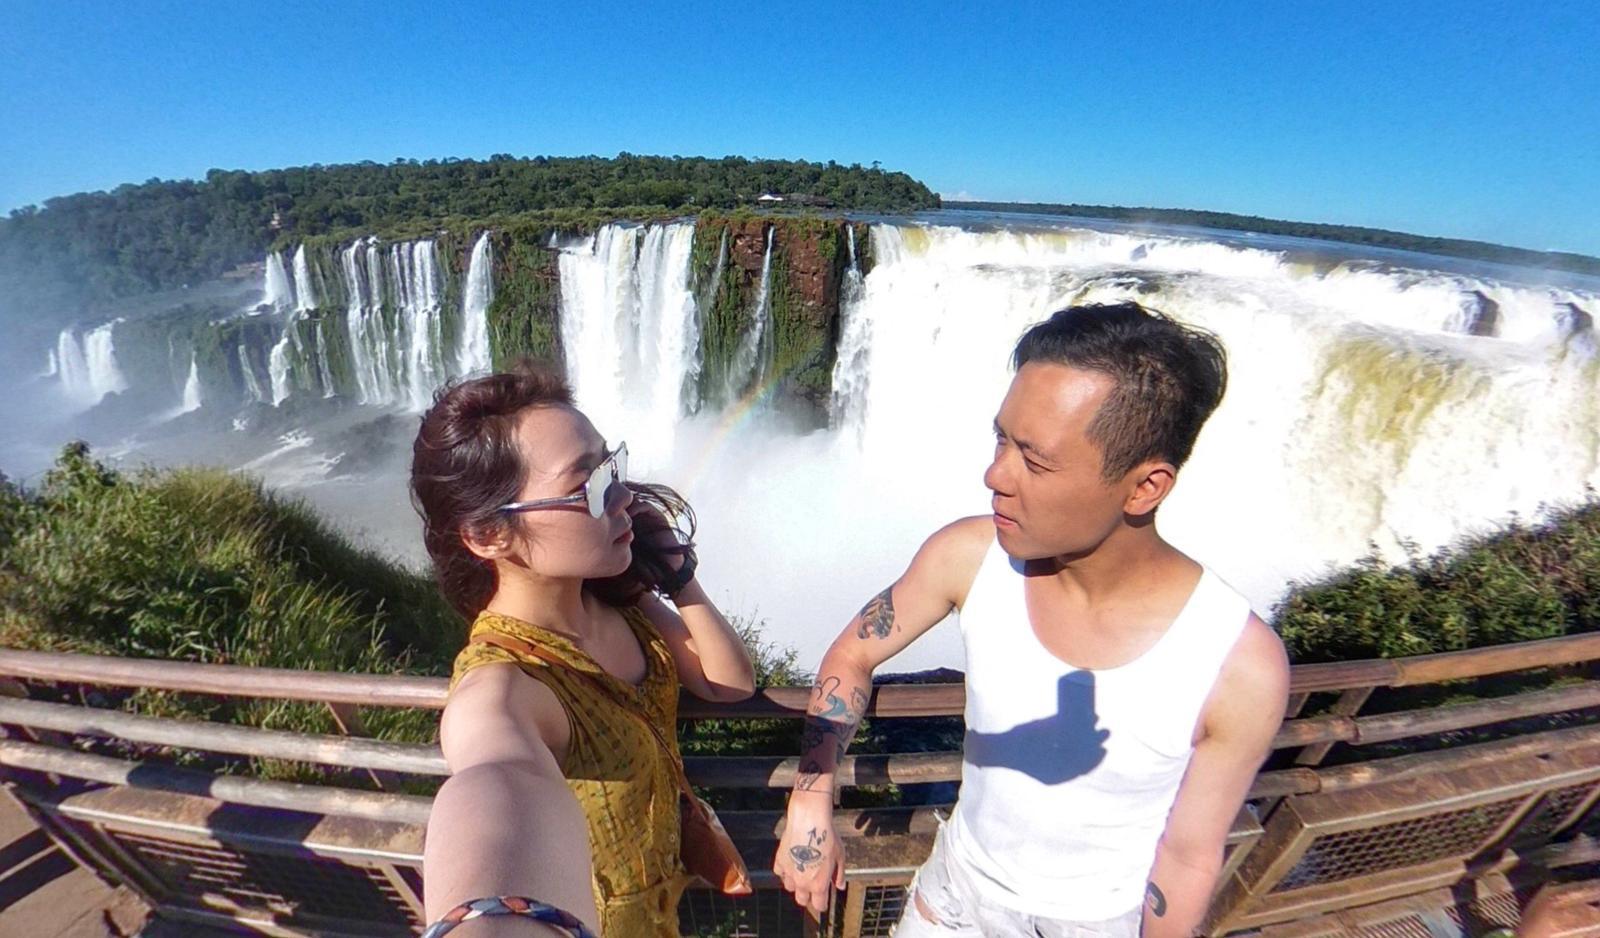 因為王家衛的《春光乍洩》,阿芝和丈夫搭幾小時飛機去到伊瓜蘇瀑布。